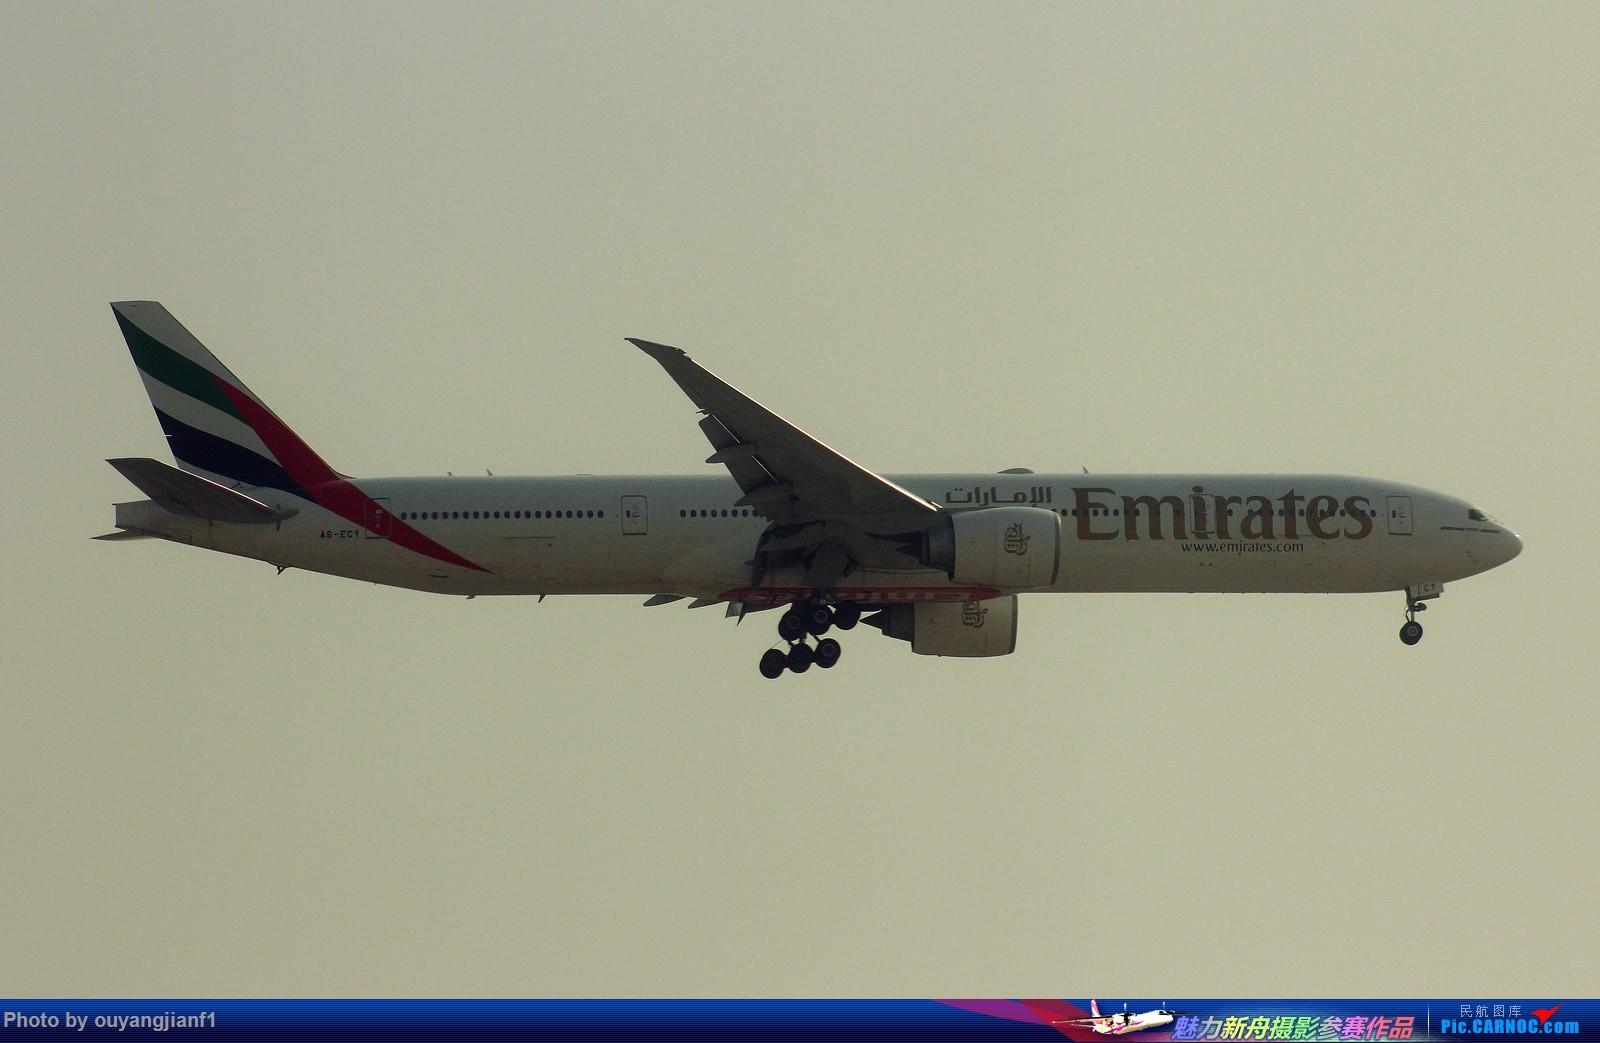 [原创]很多年没有来贴图区了,记一次本不在计划中的迪拜拍机之行,在漫天黄沙中EK的380和777真的看到吐血.... BOEING 777-300ER A6-ECY 迪拜机场